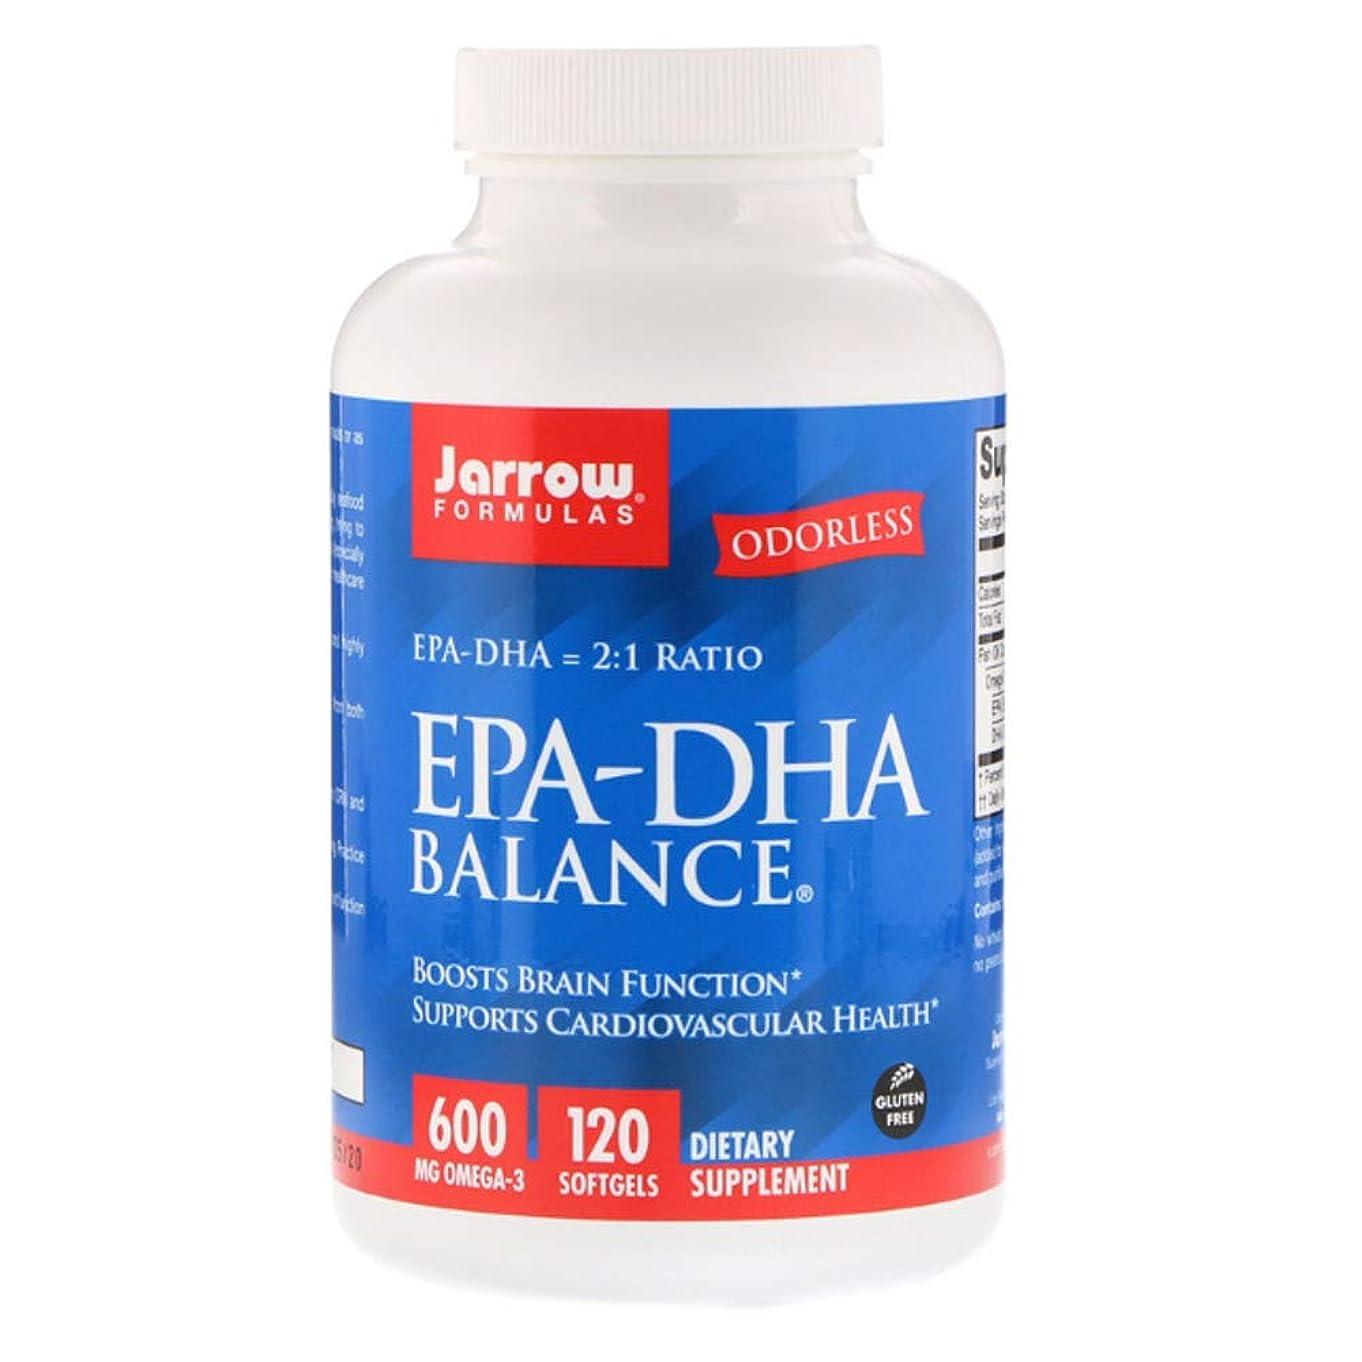 君主制先行する上げるJarrow Formulas EPA DHA Balance ソフトジェル 120粒 【アメリカ直送】